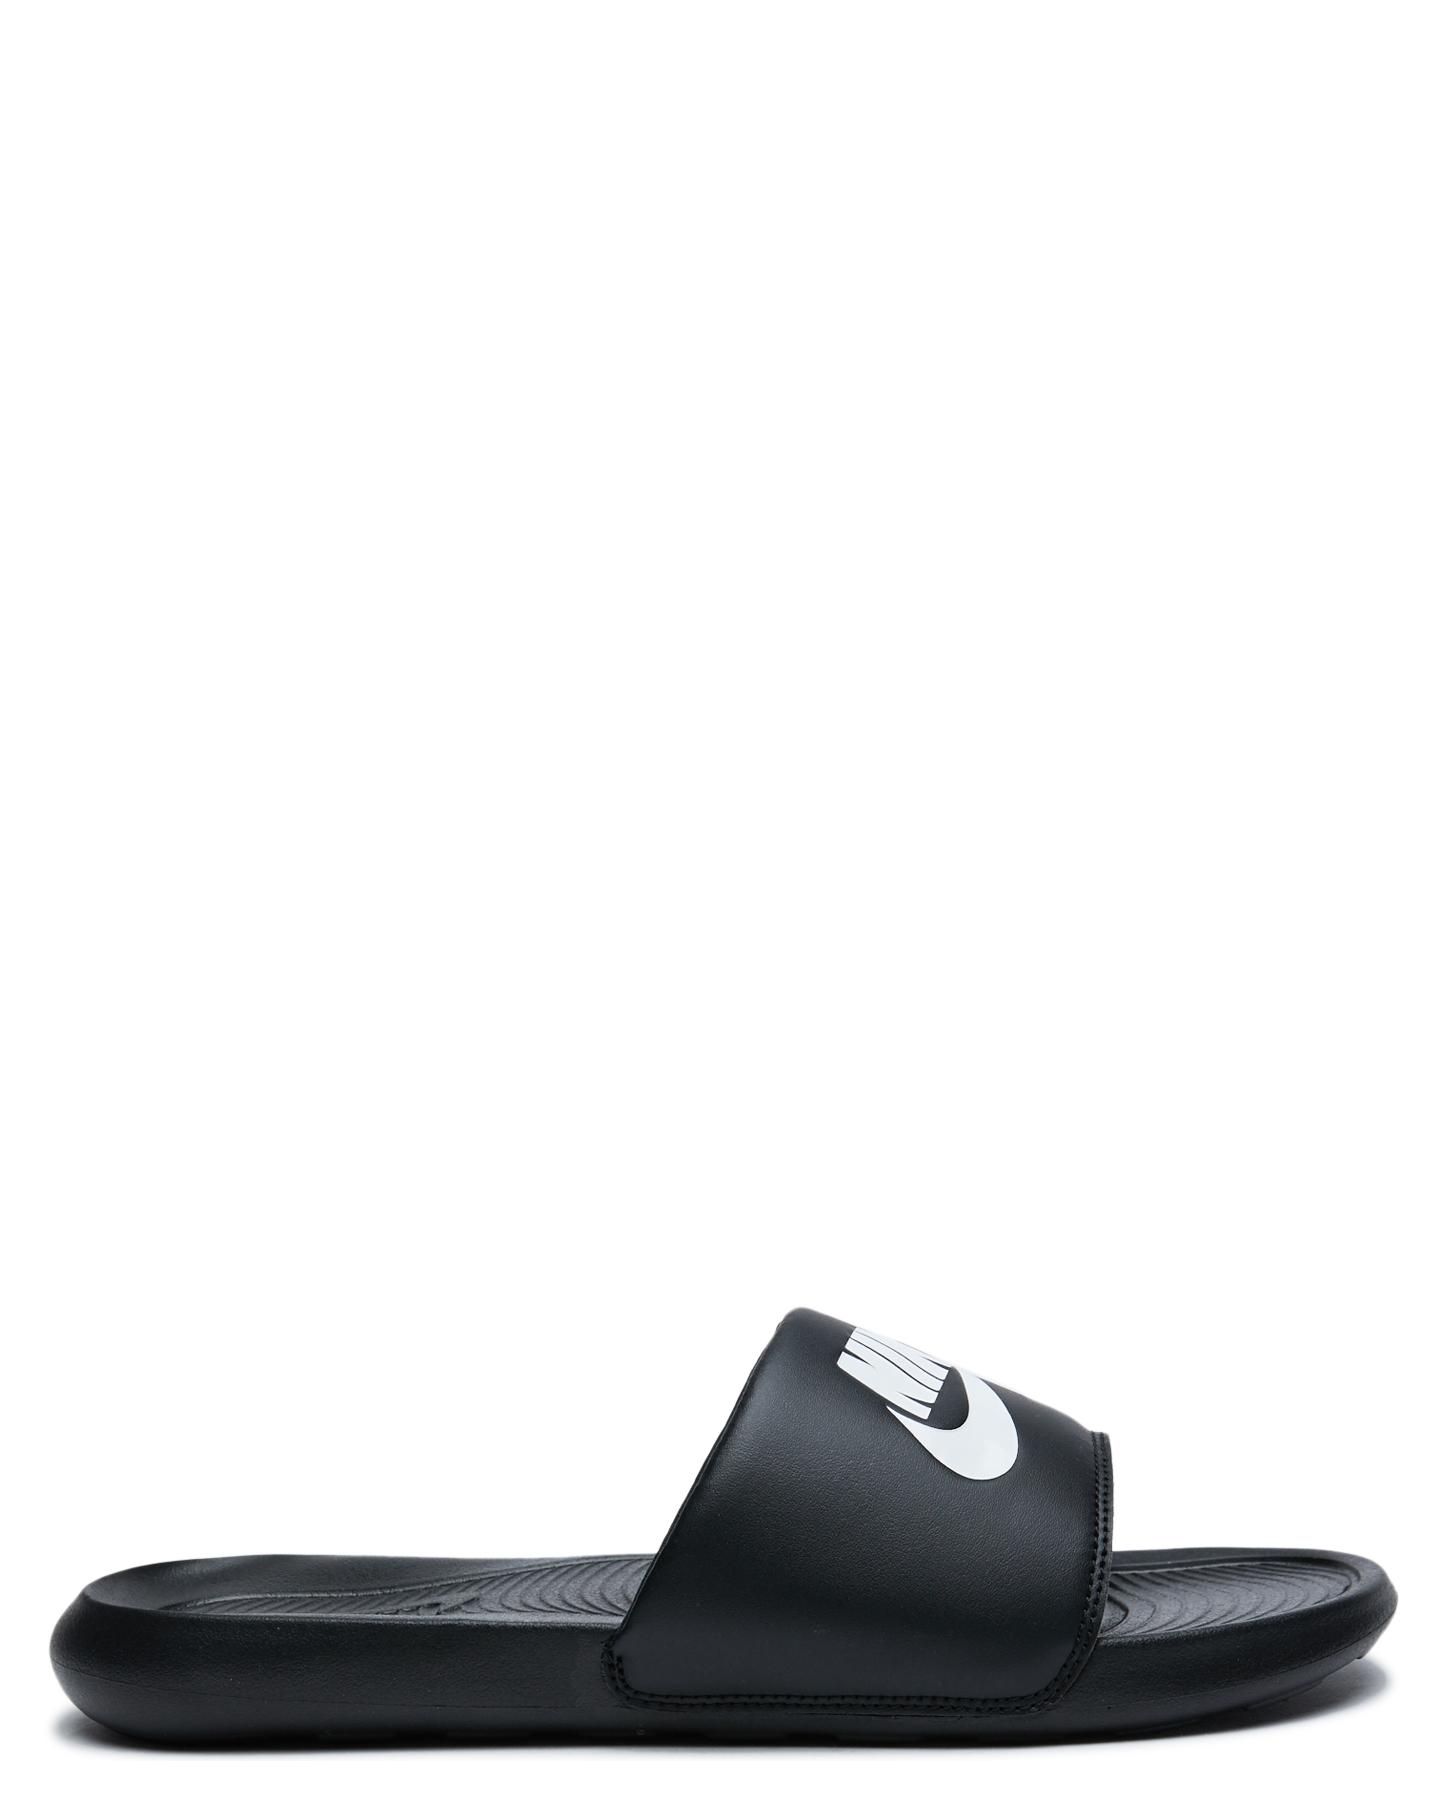 Nike Victori One Slide Black